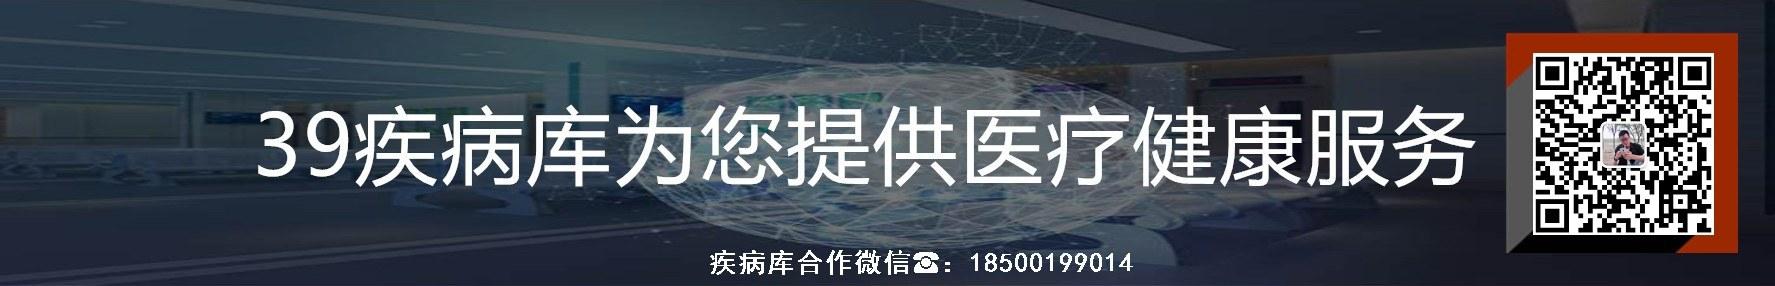 芜湖妇色天使在线视频在线视频偷国产精品